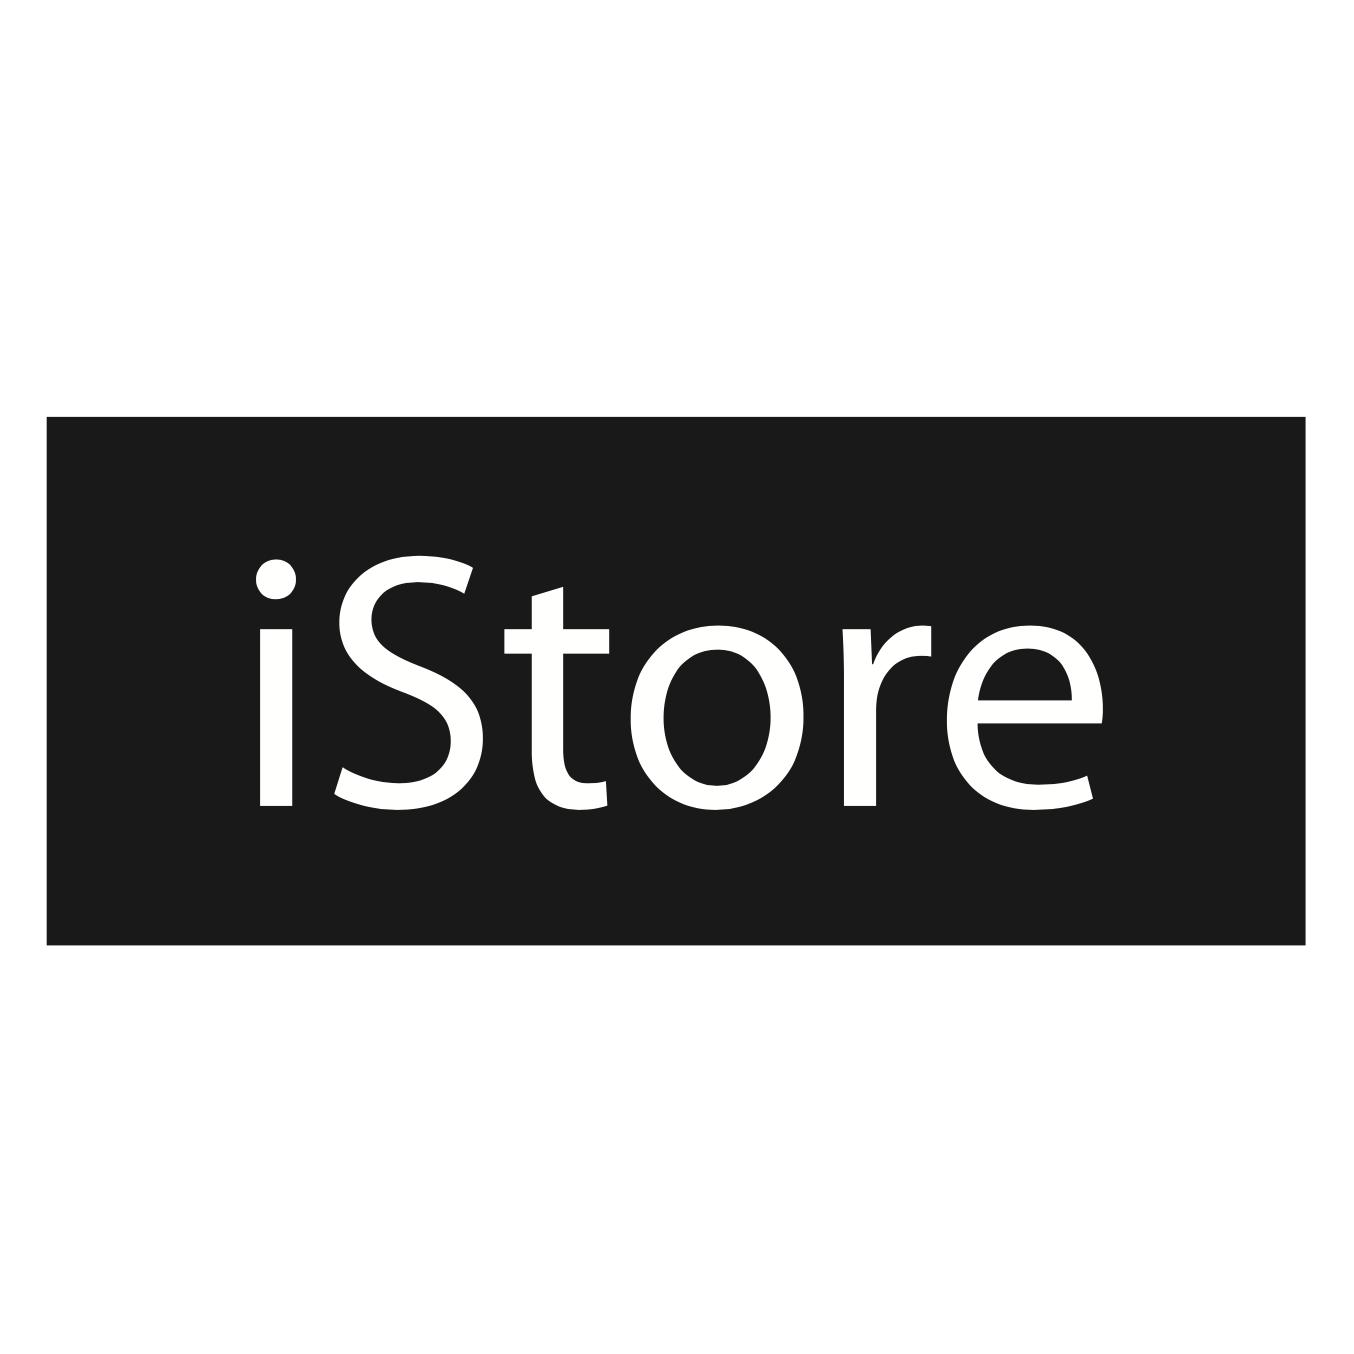 iPhone 12 Pro 256GB - Graphite